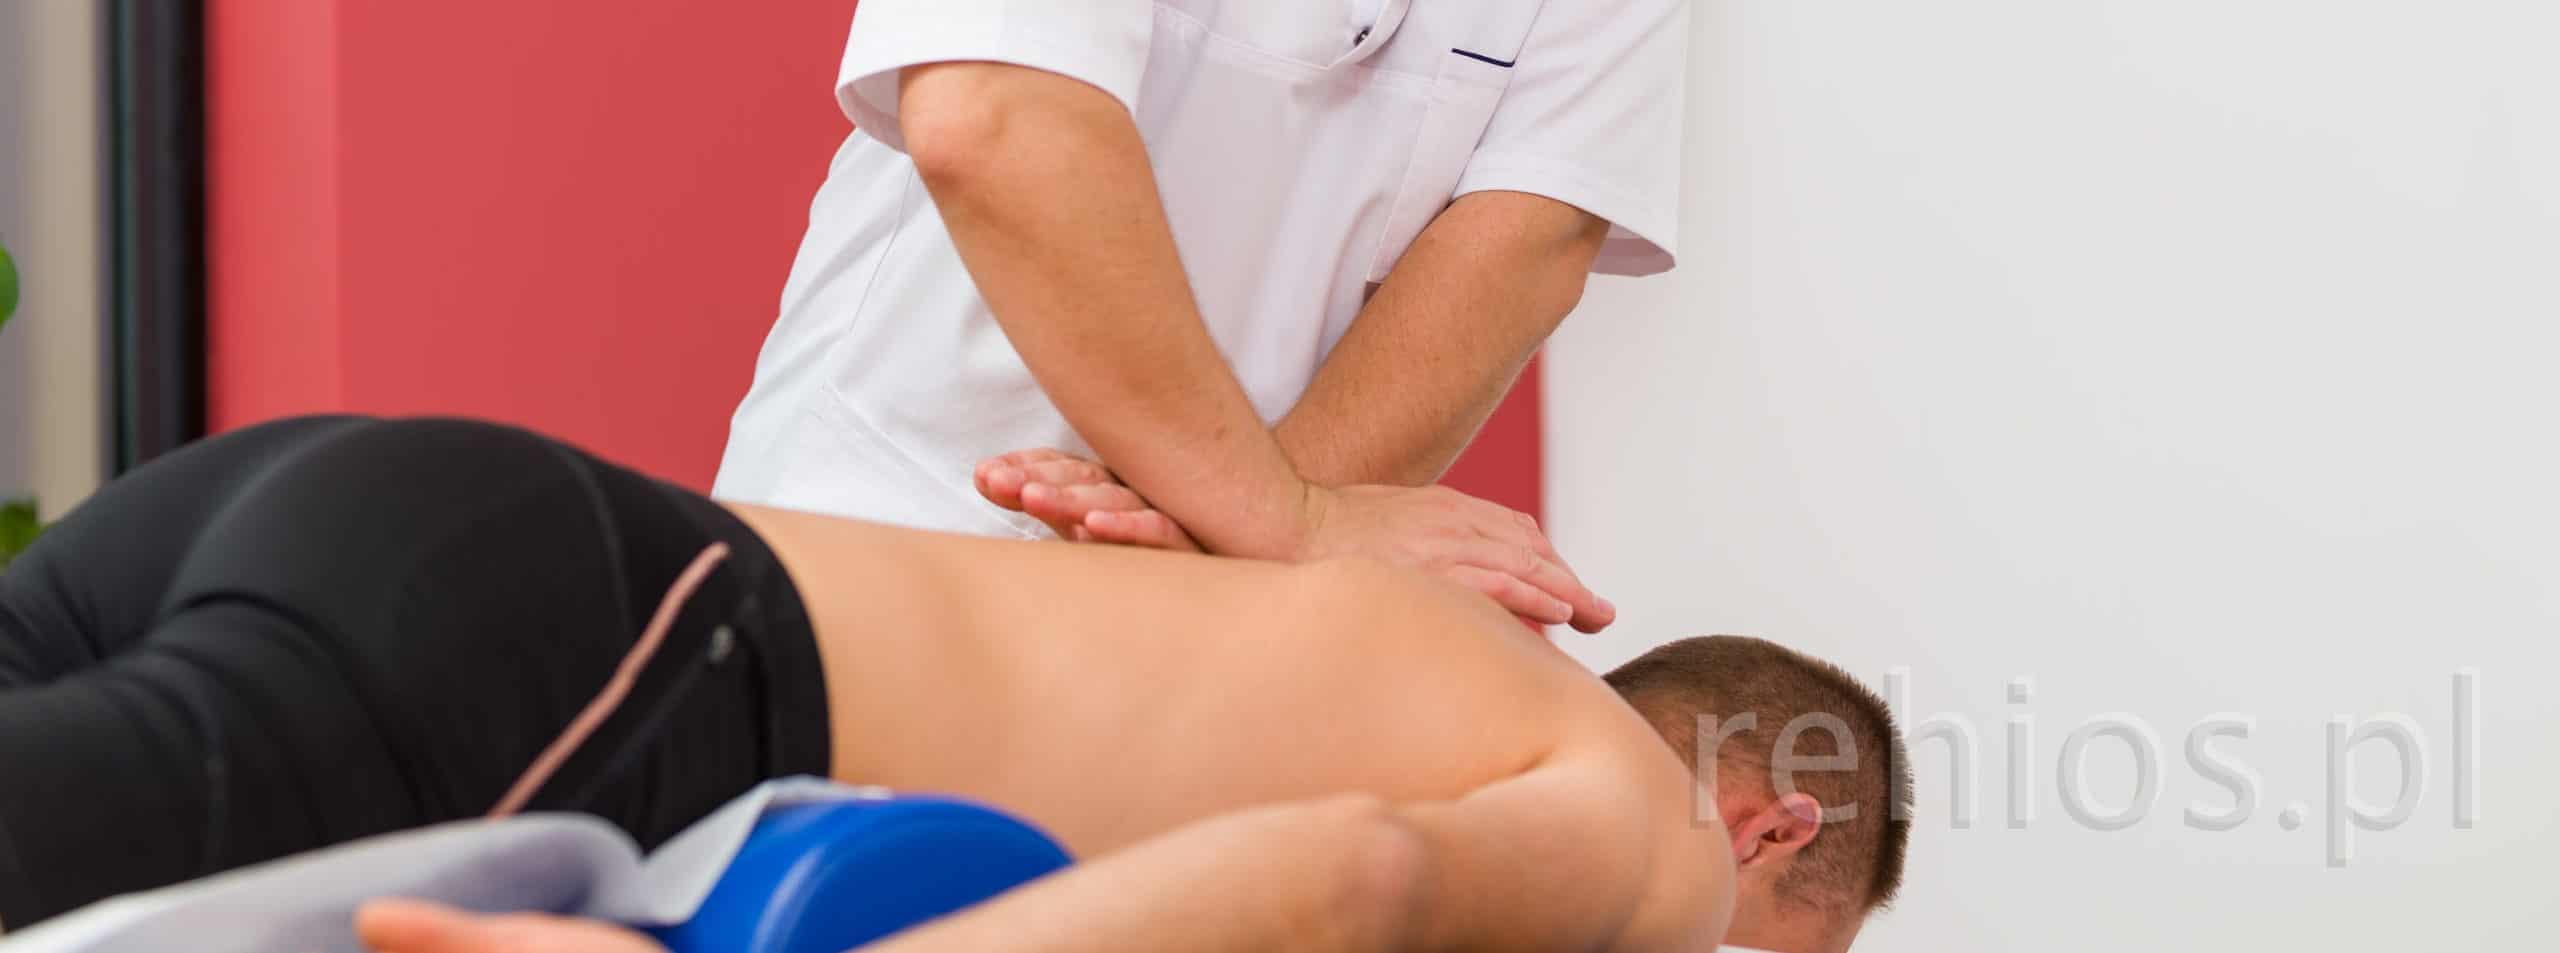 KOnsultacja osteopatyczna - terapia